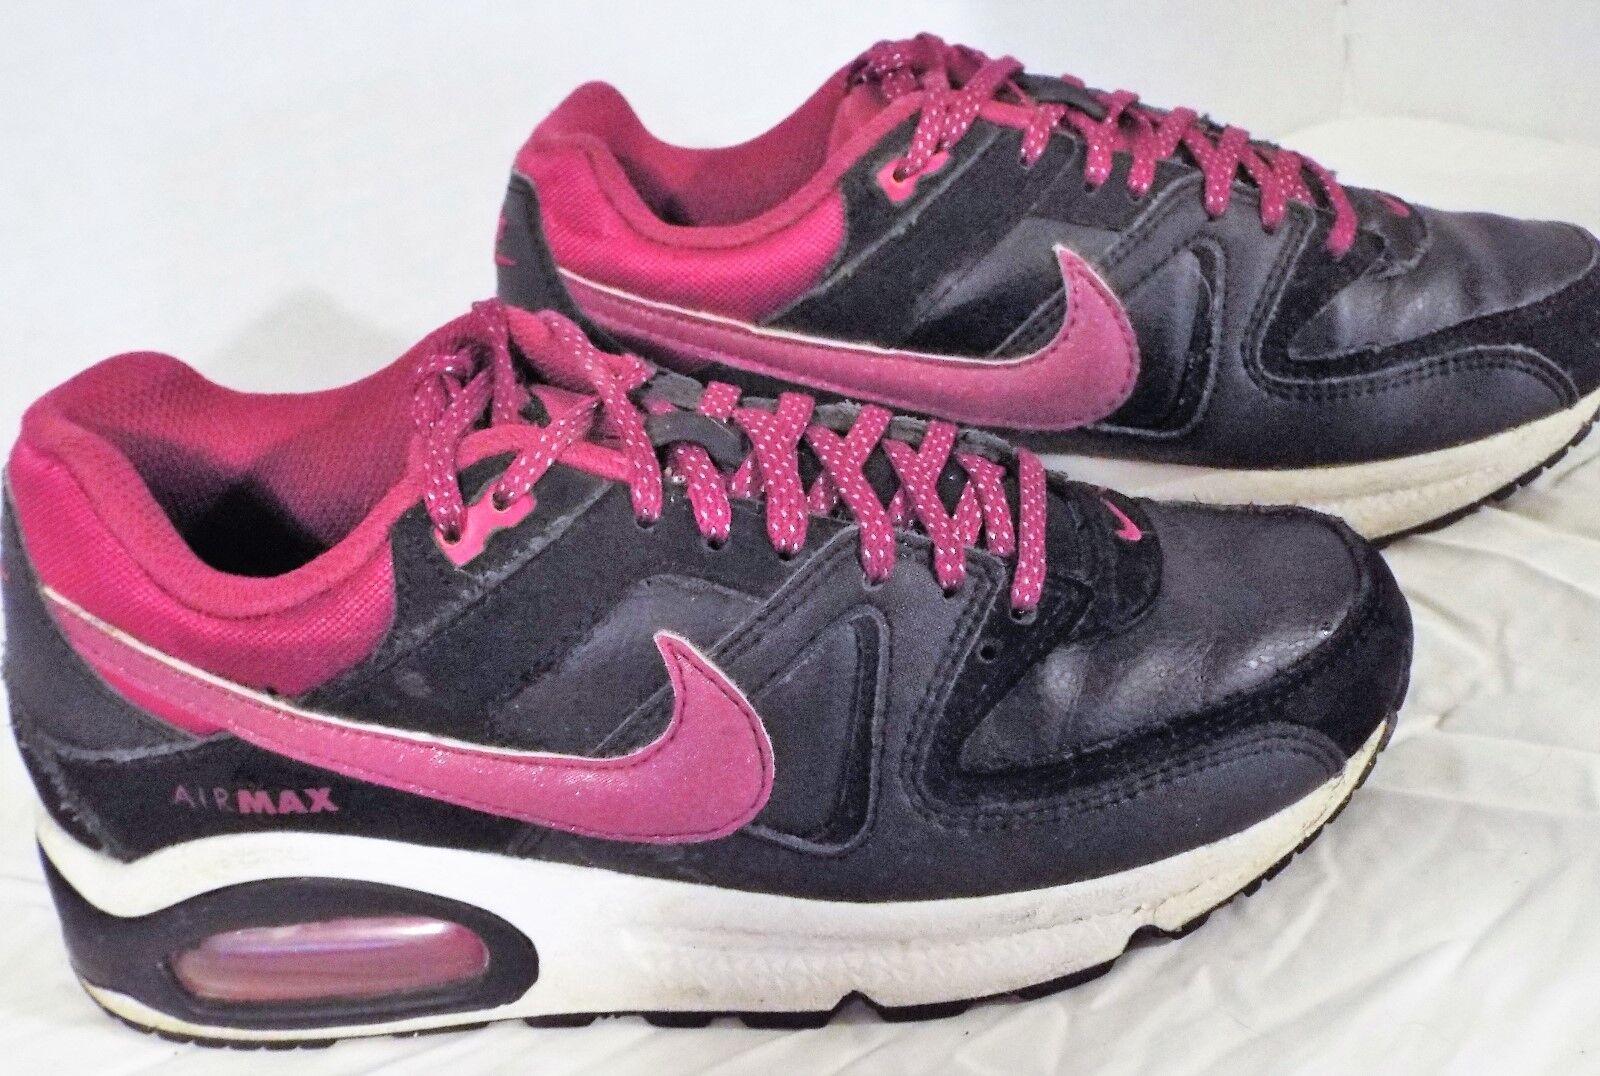 2013 Nike Air Max Command (GS) Junior cipők, 407626-013, US 4Y Eu 36